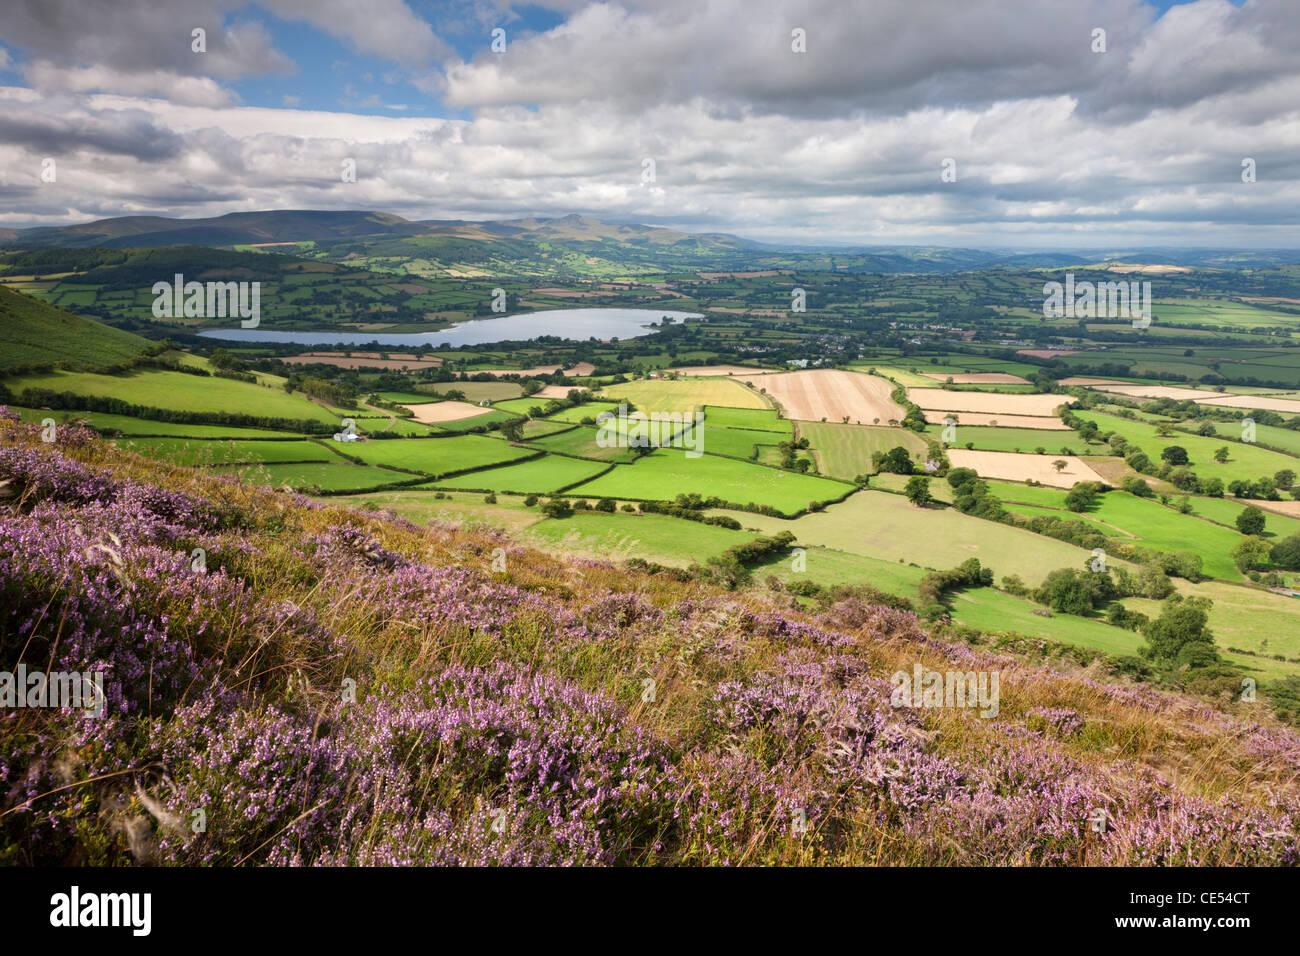 Eine hügelige Landschaft der Brecon Beacons aus Heidekraut bedeckten Hänge Mynydd Llangorse, Powys, Wales. Stockbild